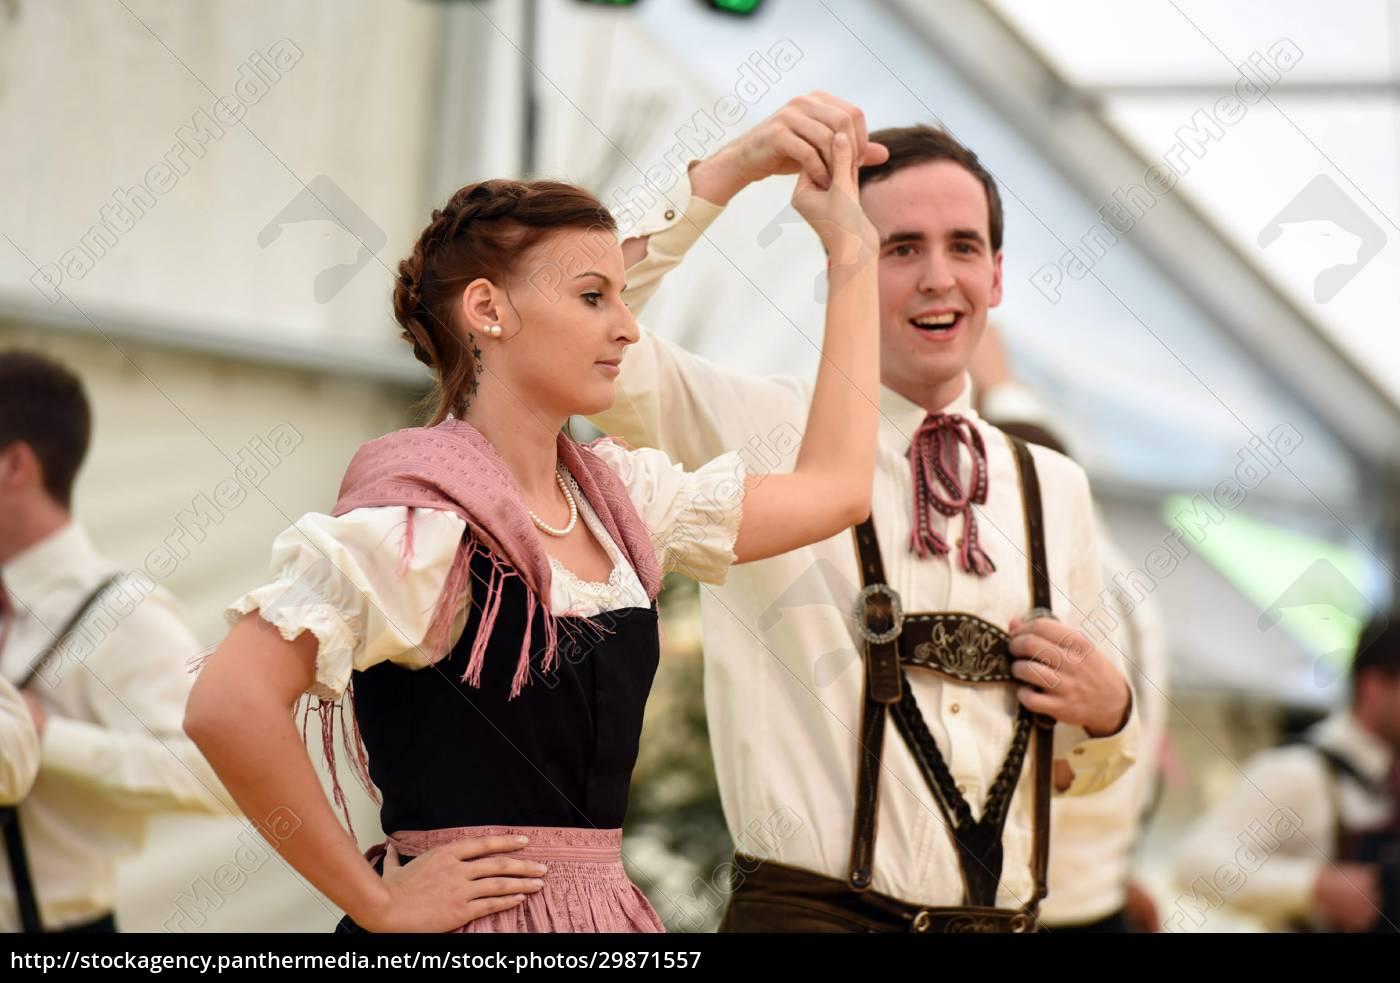 Öffentliche, aufführung, traditioneller, österreichischer, volkstänze, beim - 29871557